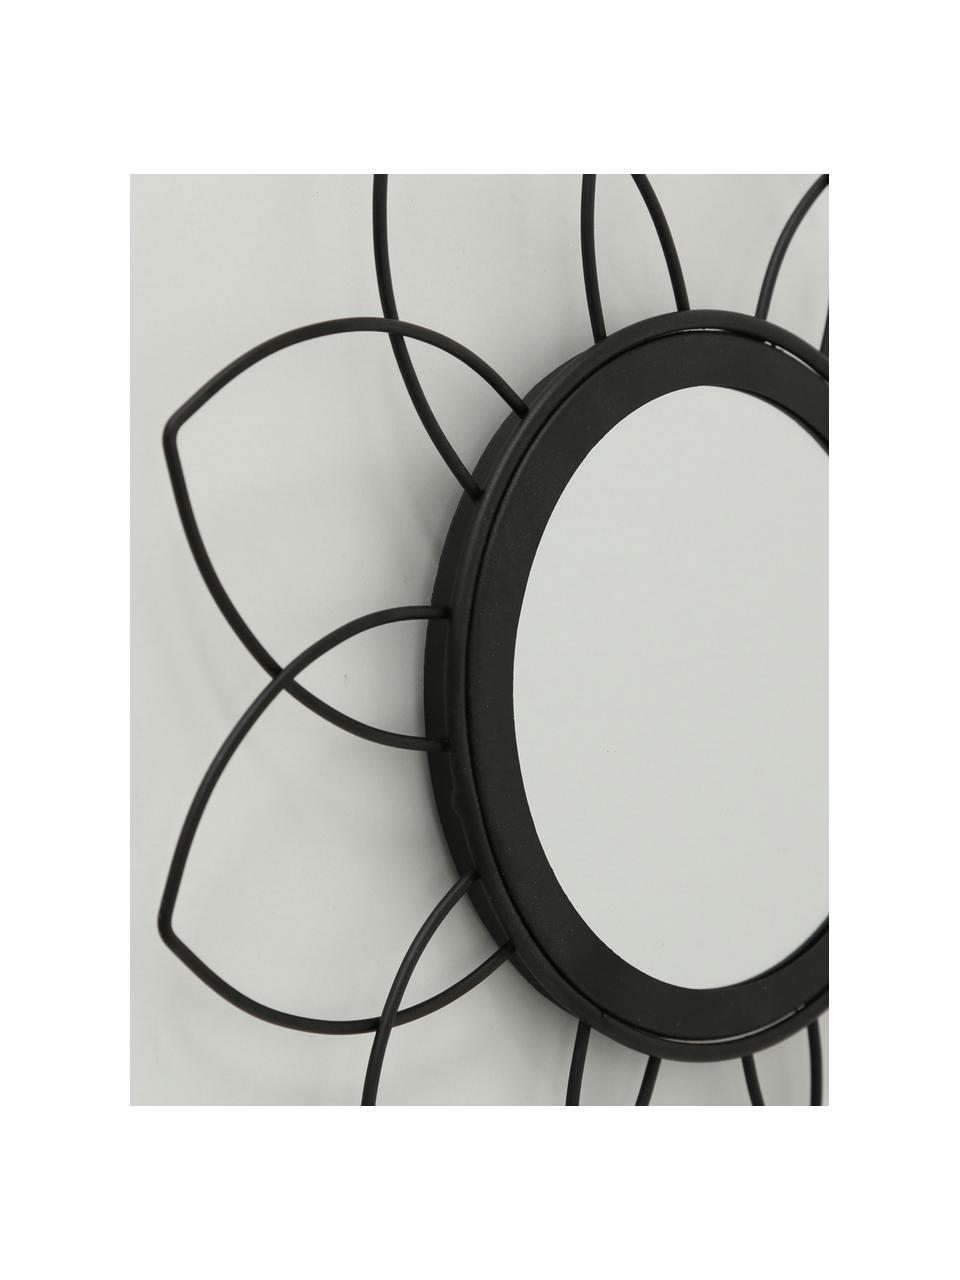 Rundes Wandspiegel-Set Noemi, 3-tlg., Rahmen: Metall, beschichtet, Spiegelfläche: Spiegelglas, Schwarz, Ø 27 cm